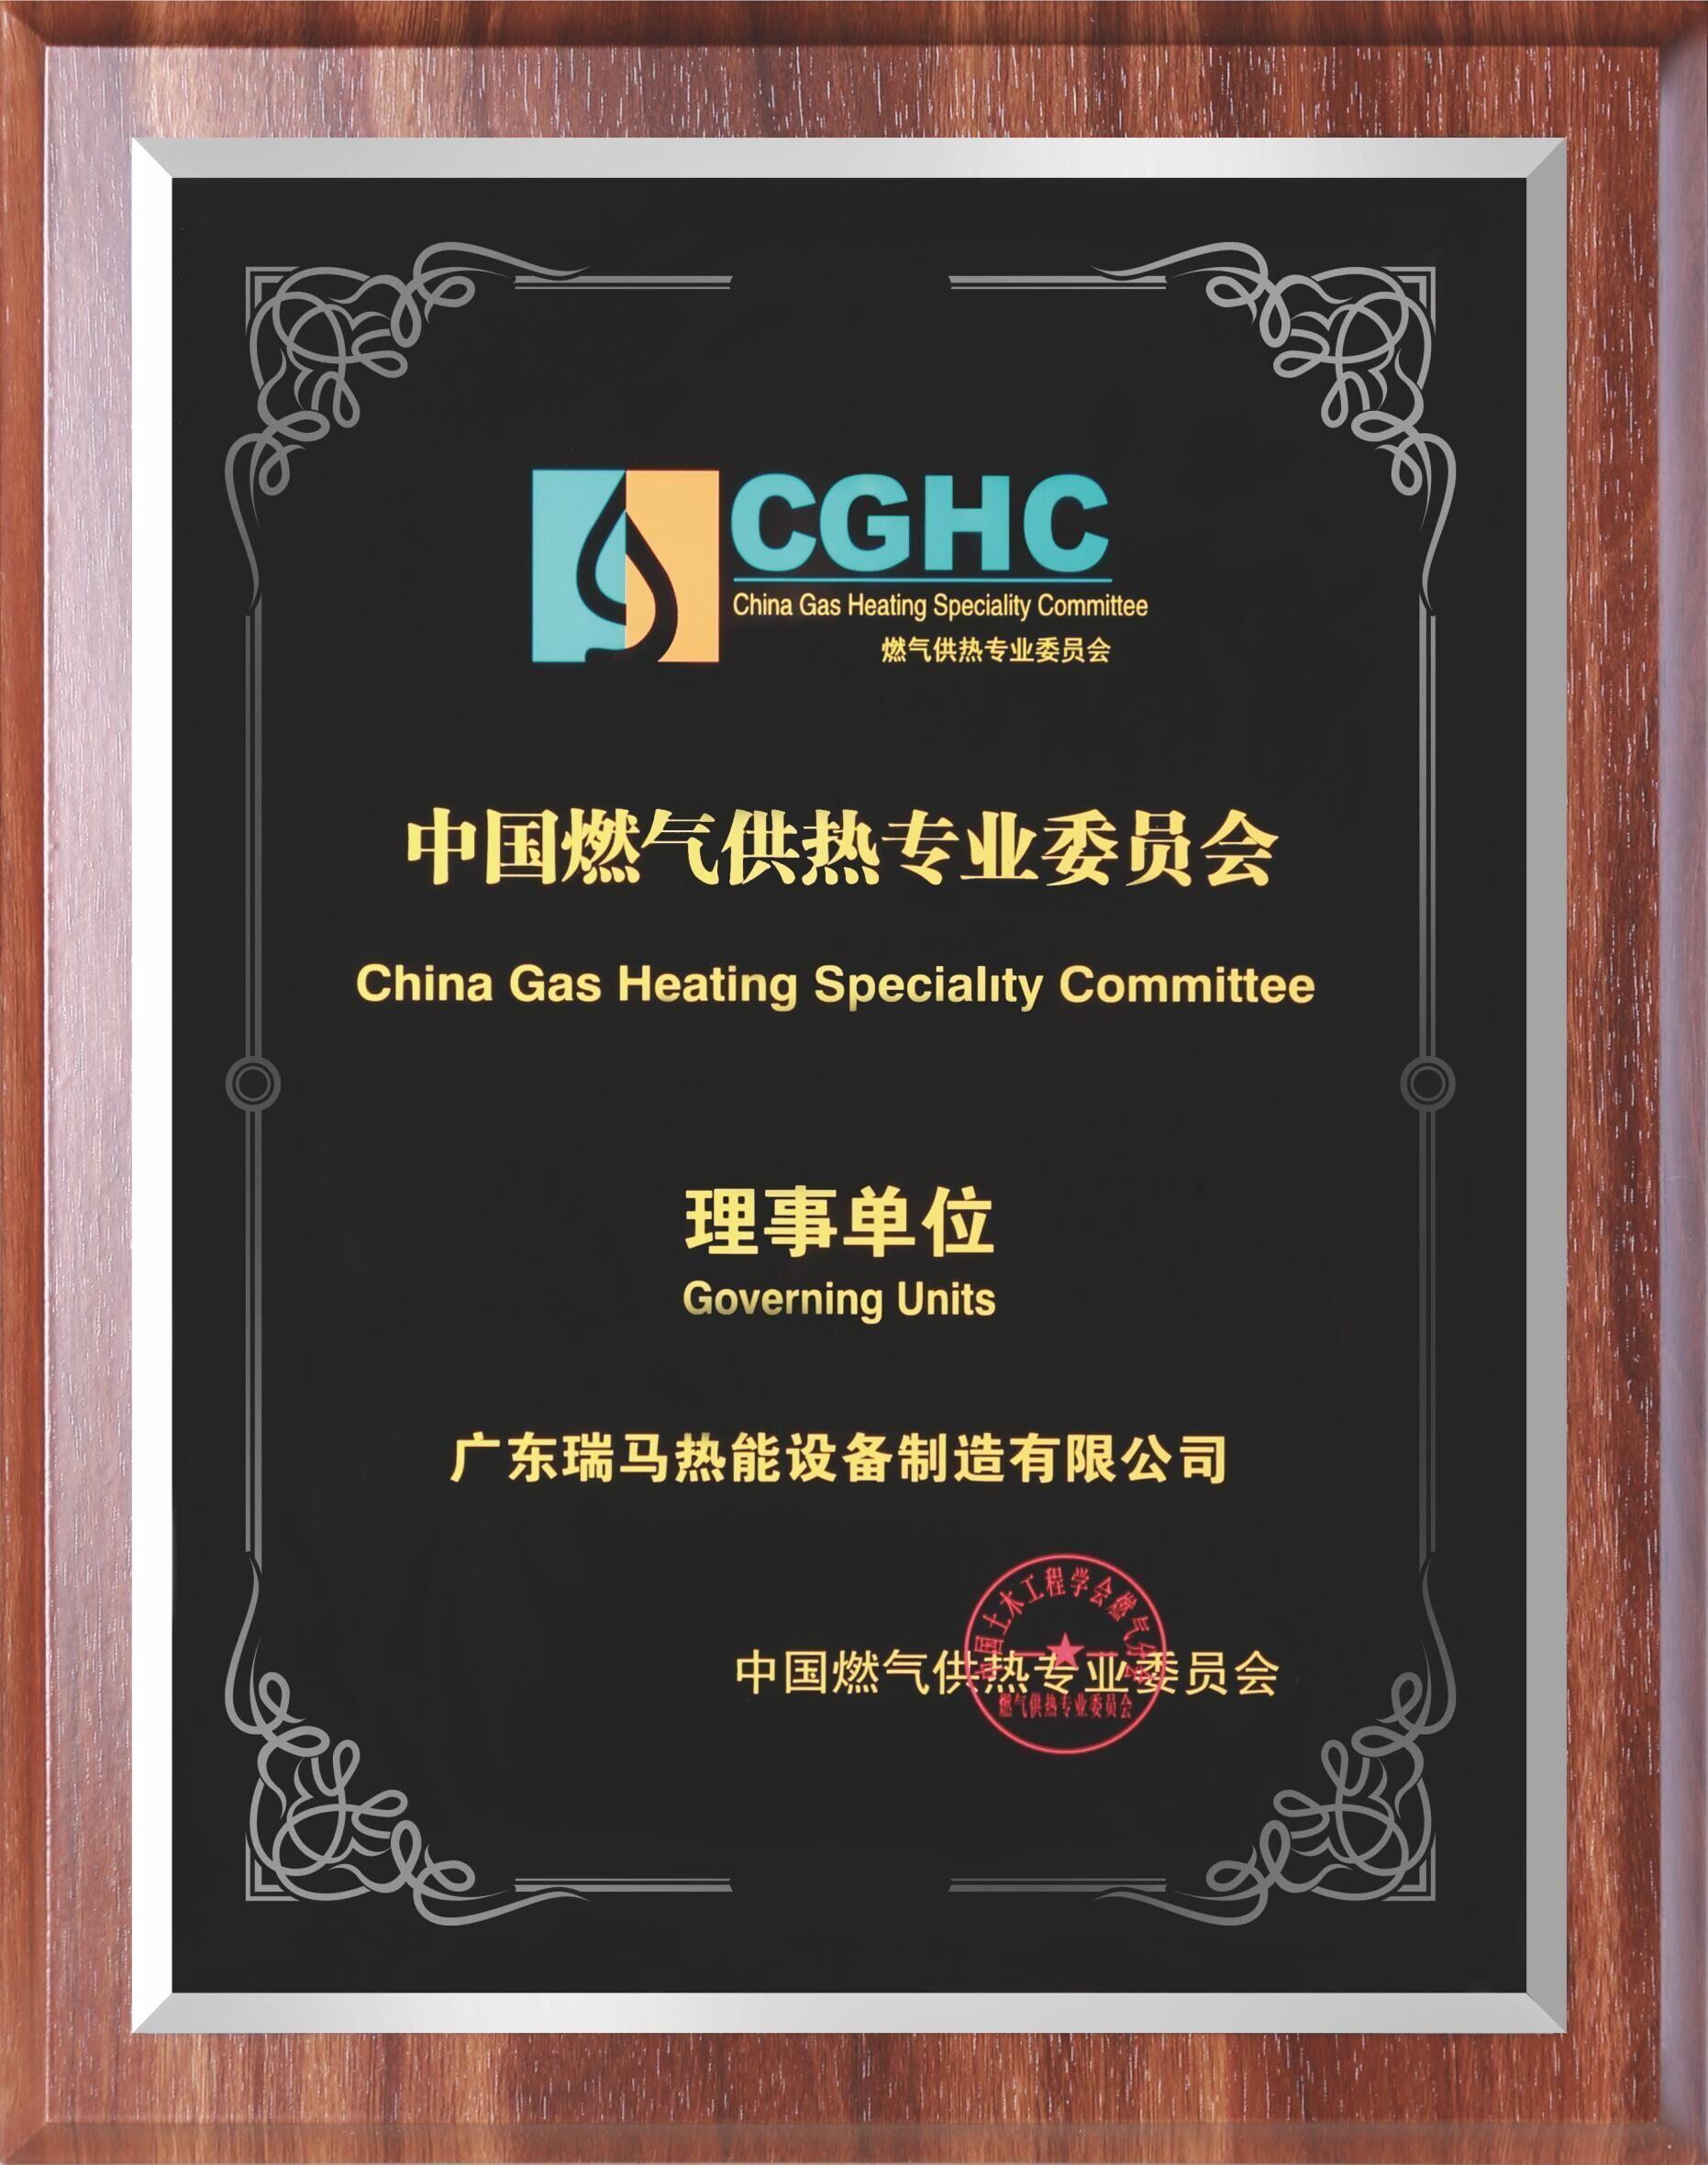 中国燃气供热专业委员会